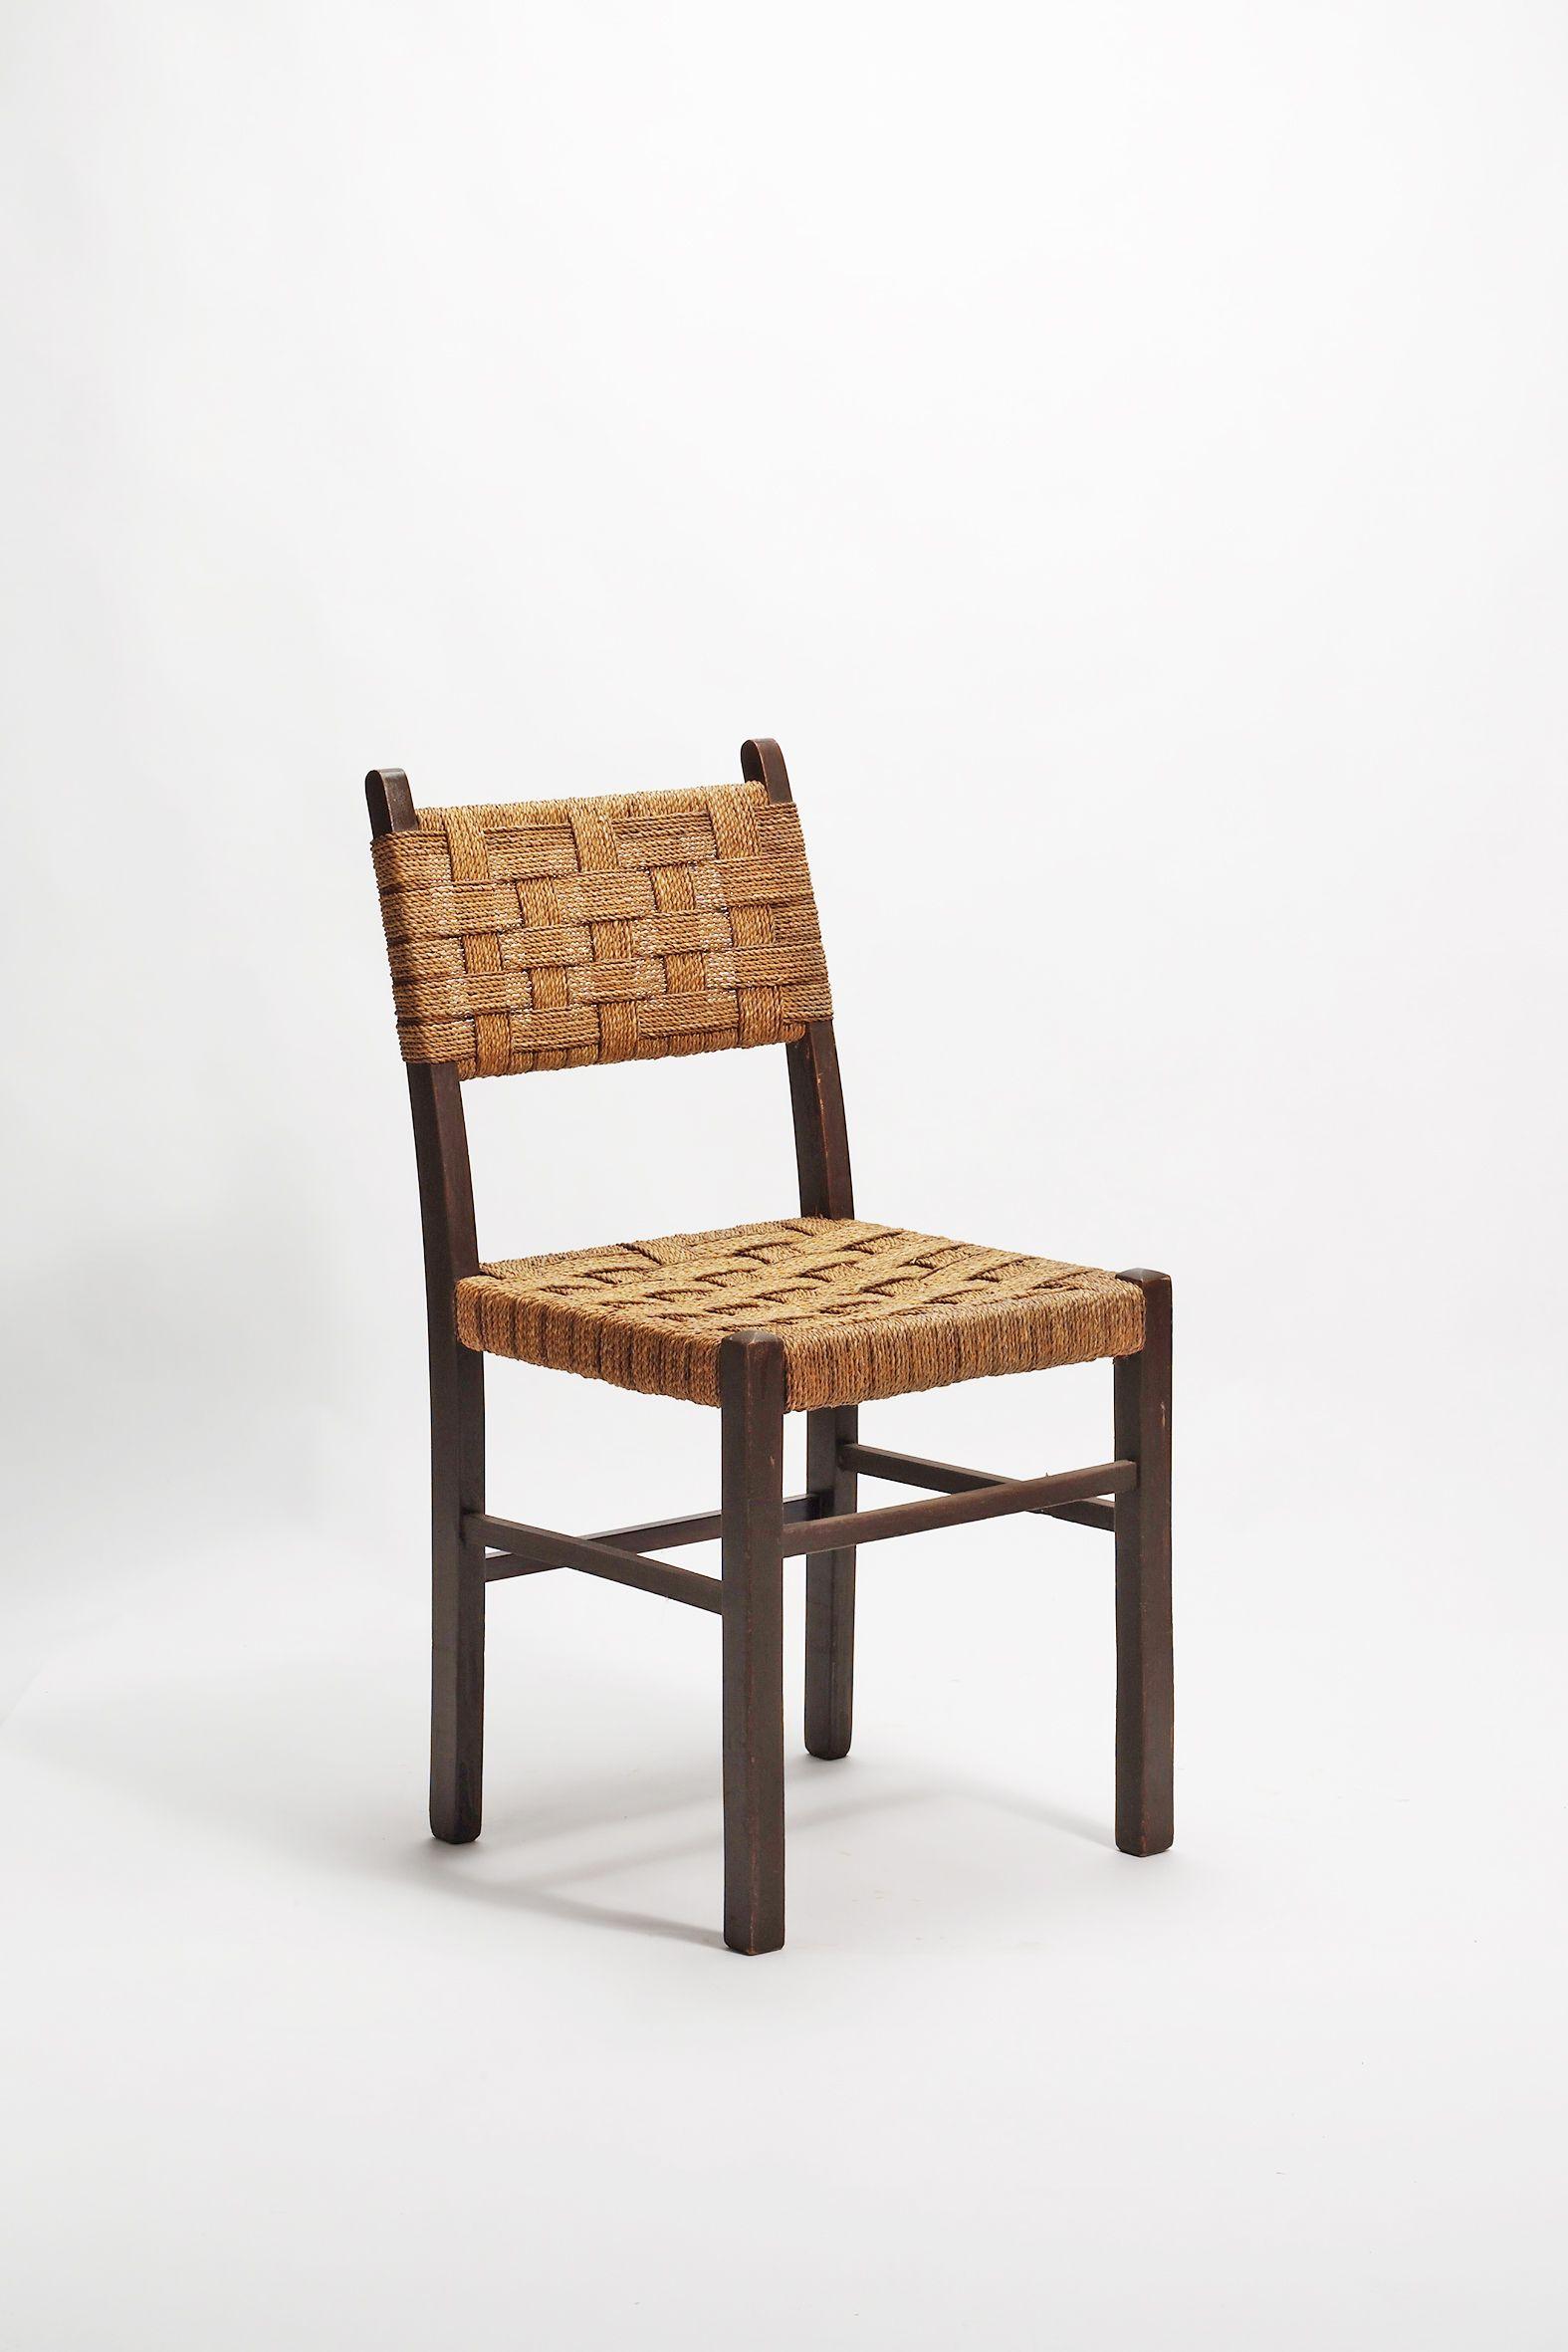 Franz Schacherl Stuhl Fur Das Siedlungsbauamt In Wien Um 1927 Stuhle Furniture